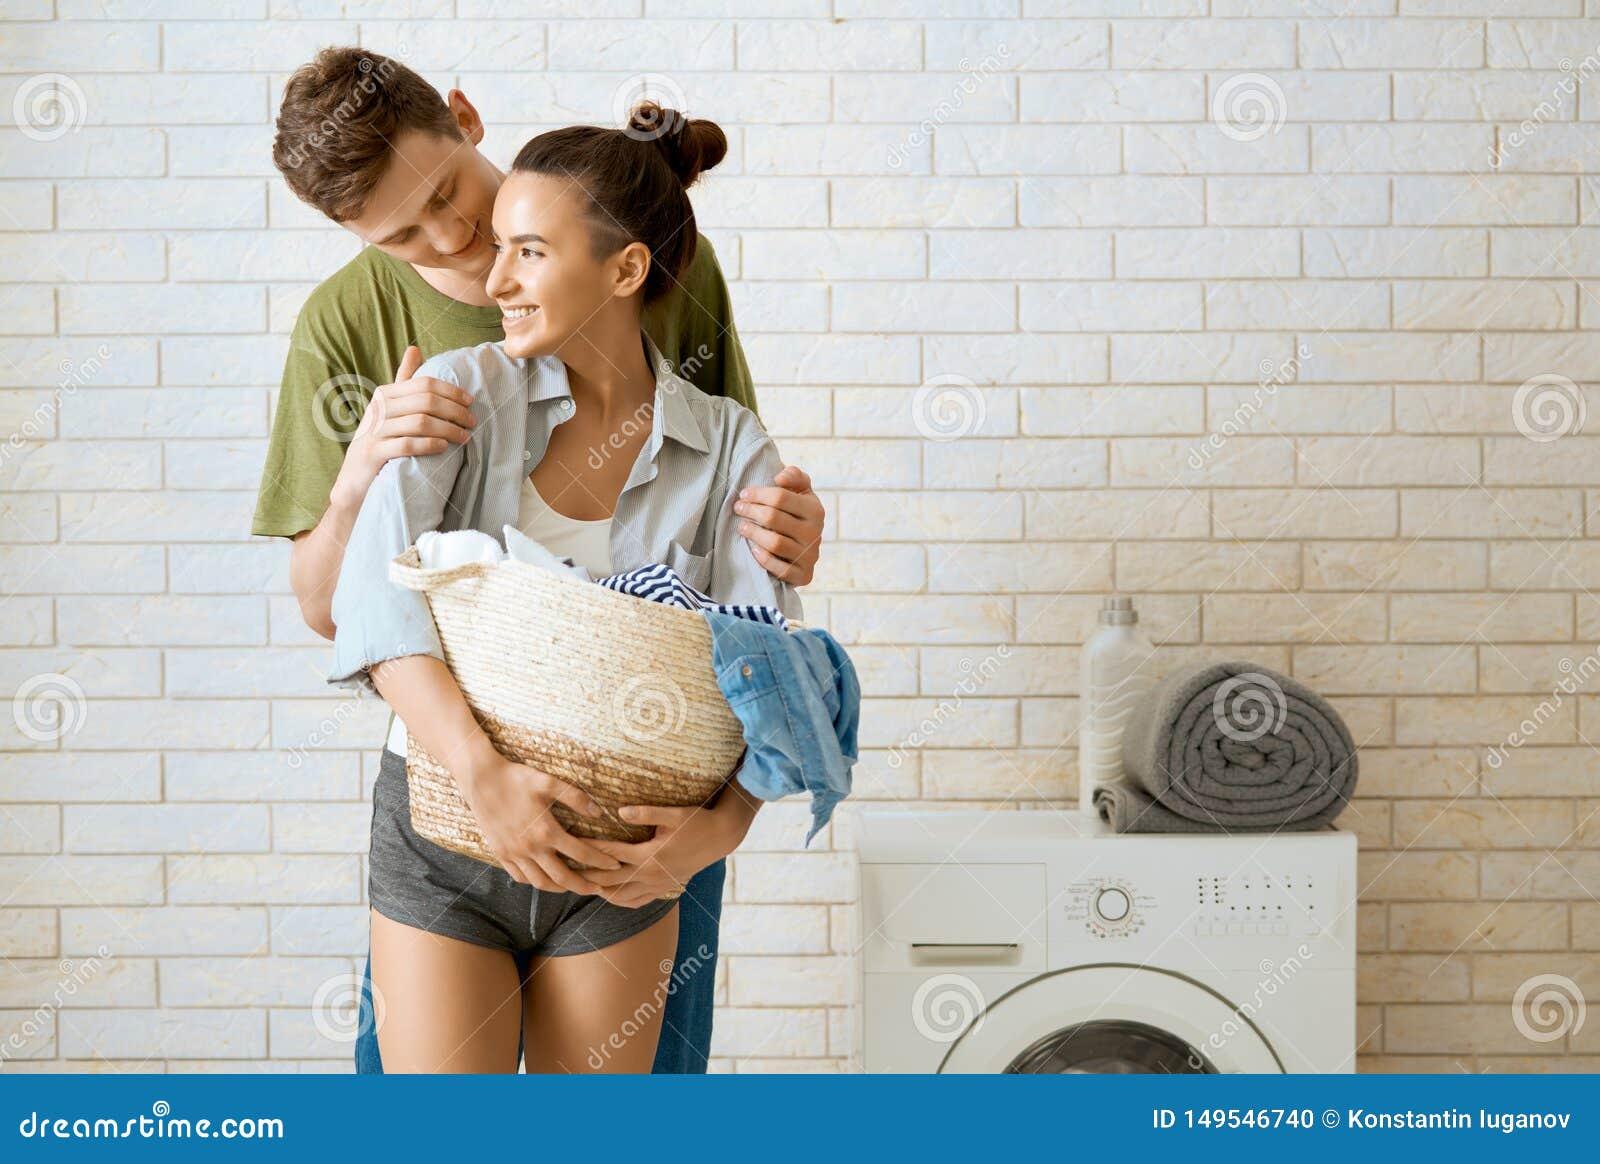 Любя пара делает прачечную